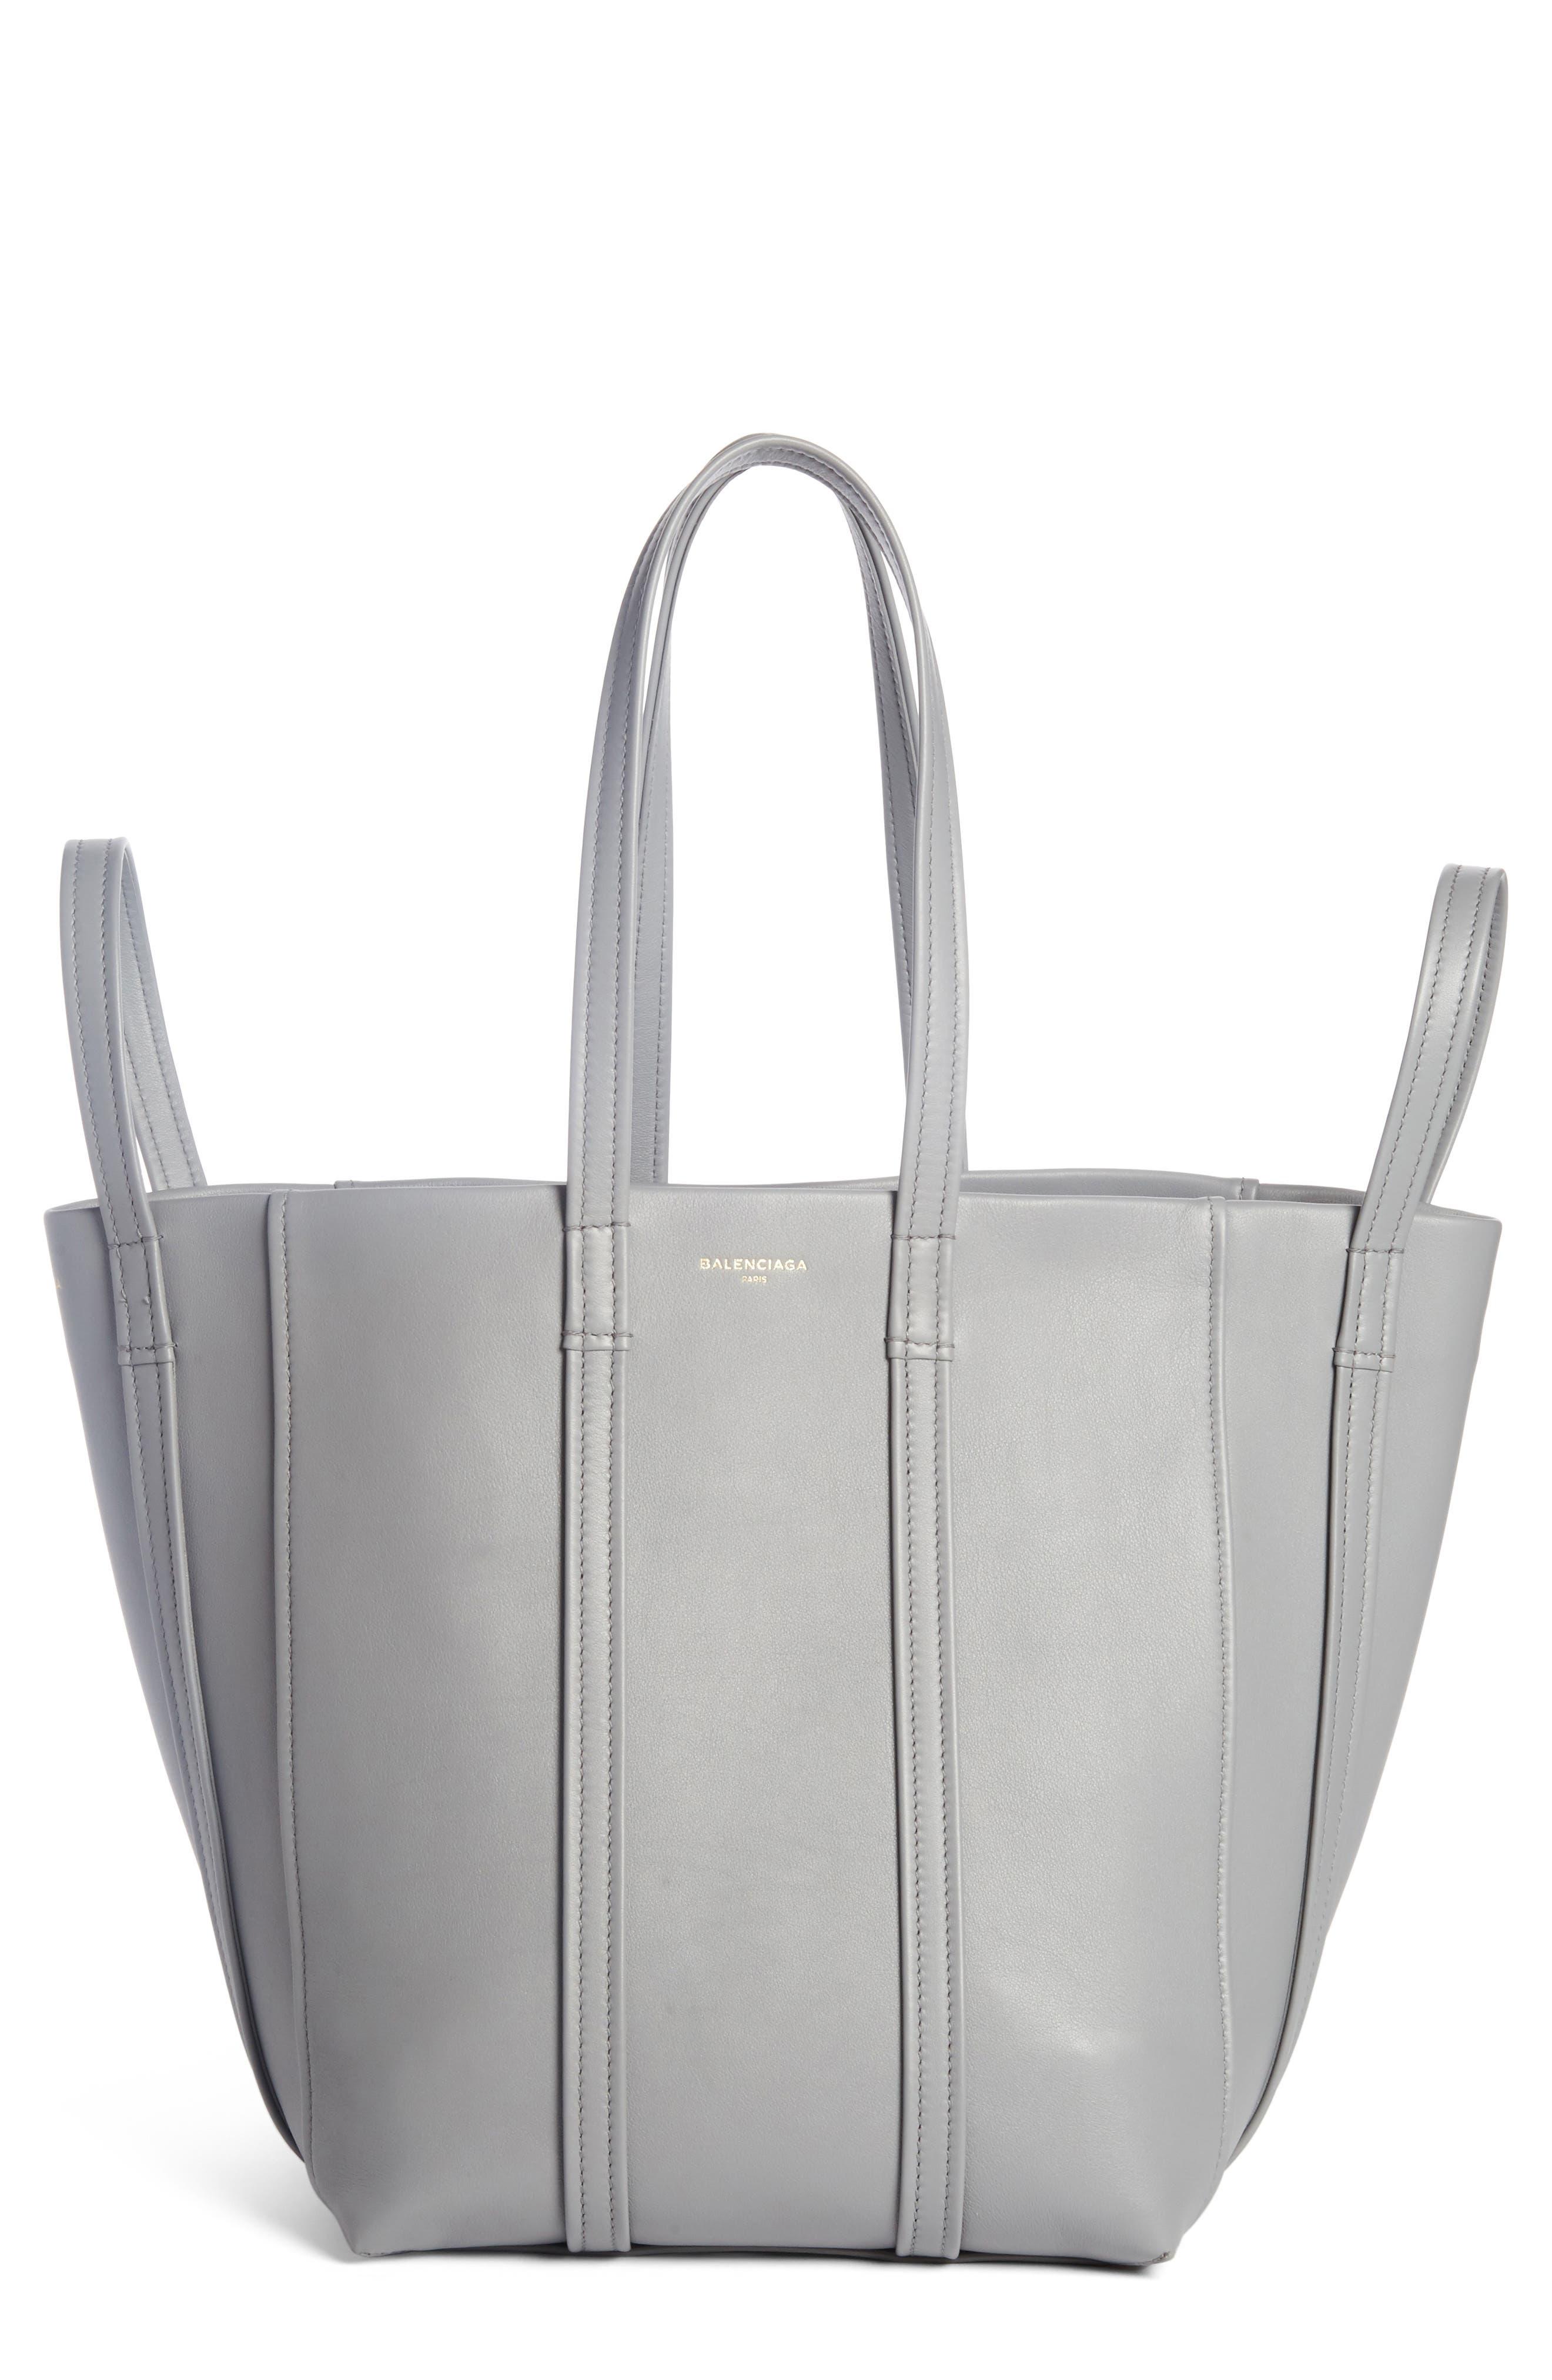 Main Image - Balenciaga Large Laundry Cabas Calfskin Tote